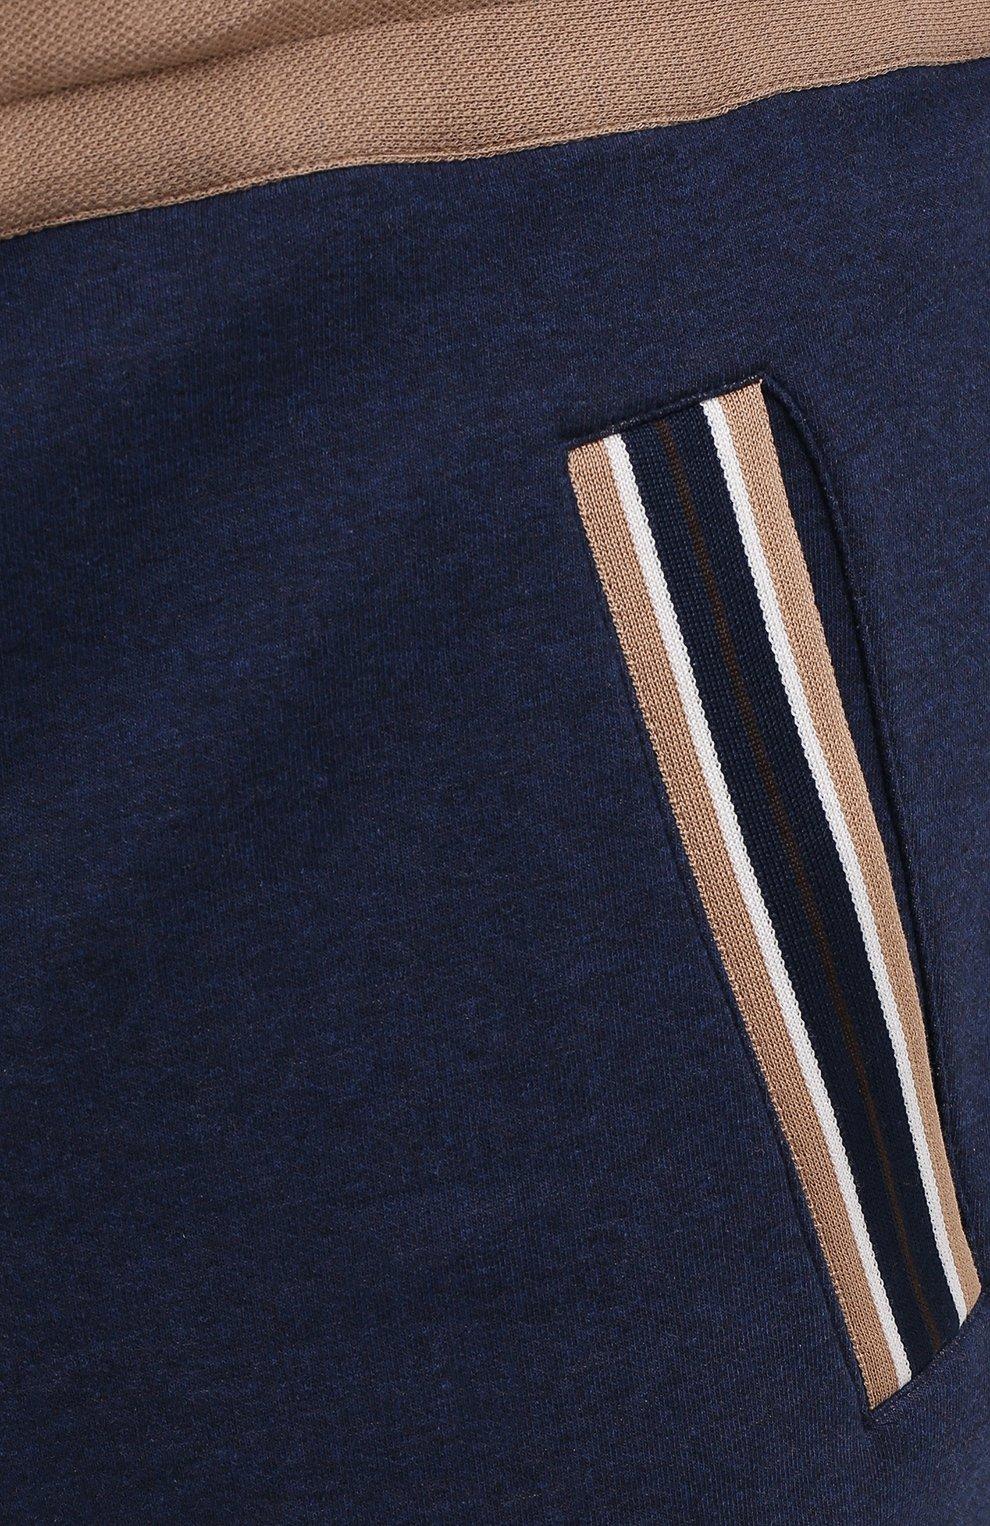 Мужские хлопковые брюки CORTIGIANI синего цвета, арт. 114612/0000/60-70 | Фото 5 (Big sizes: Big Sizes; Длина (брюки, джинсы): Стандартные; Кросс-КТ: Спорт; Материал внешний: Хлопок; Стили: Спорт-шик)